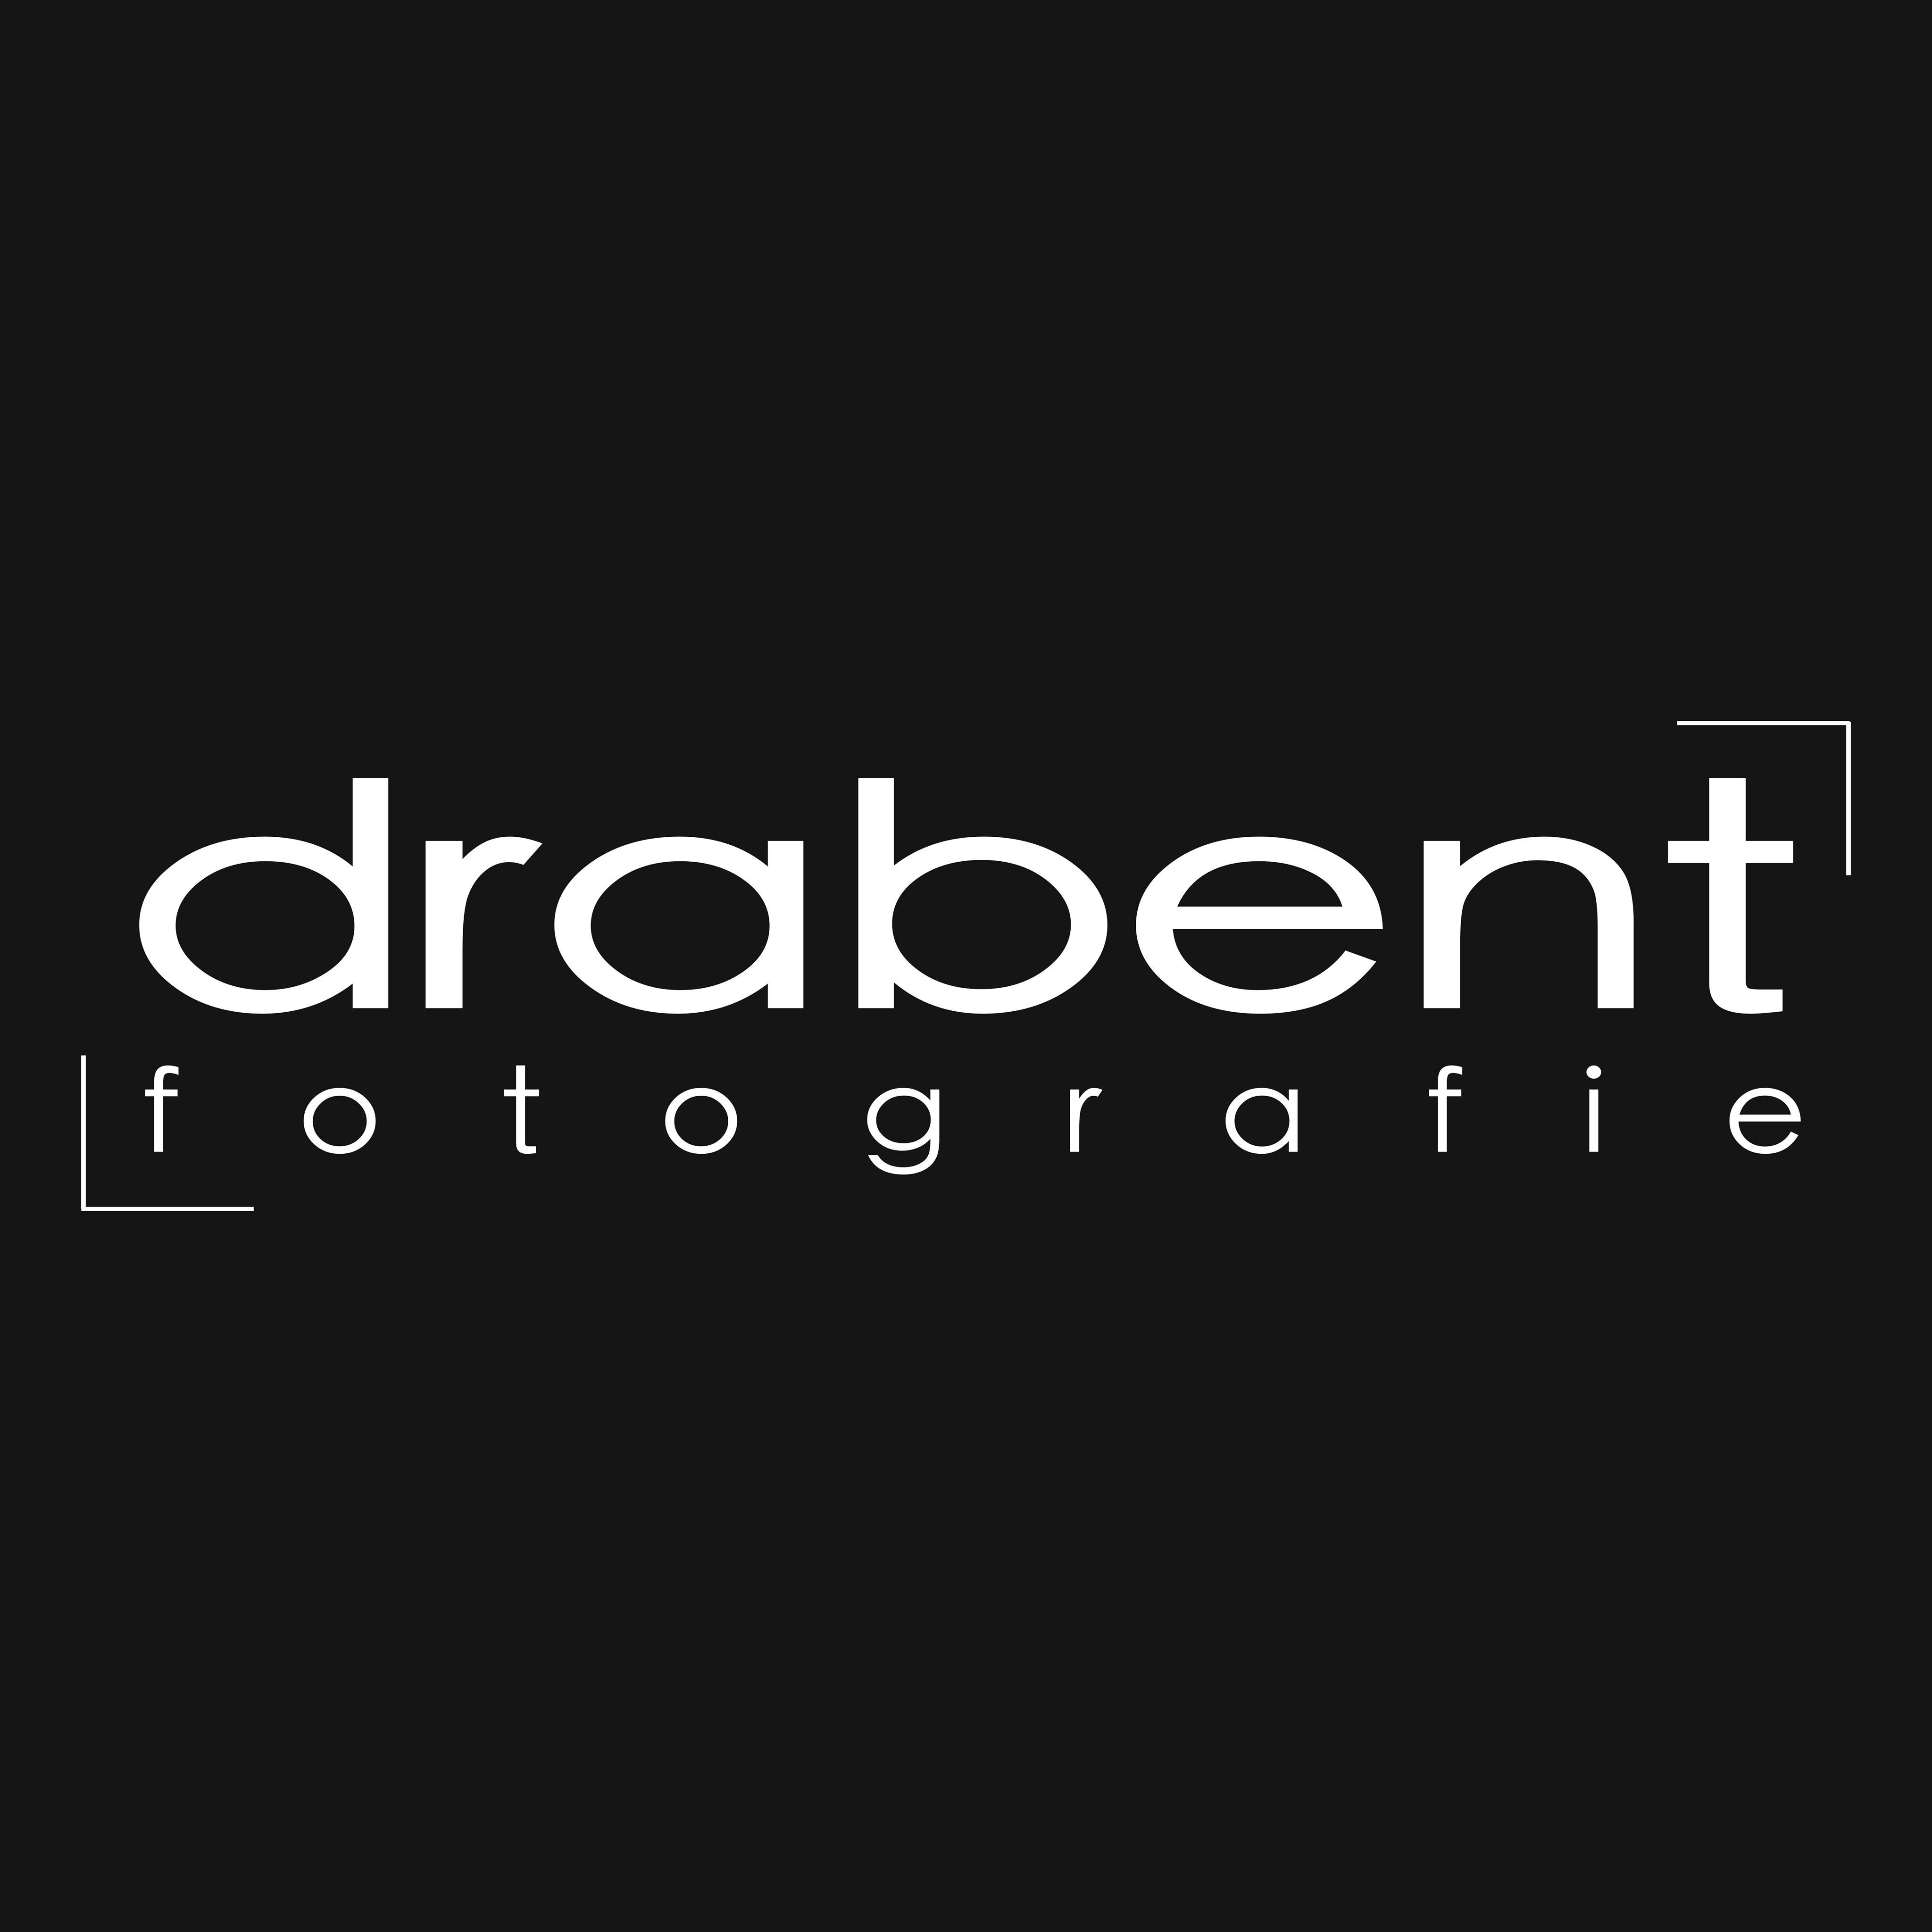 Volker Drabent | Fotografie